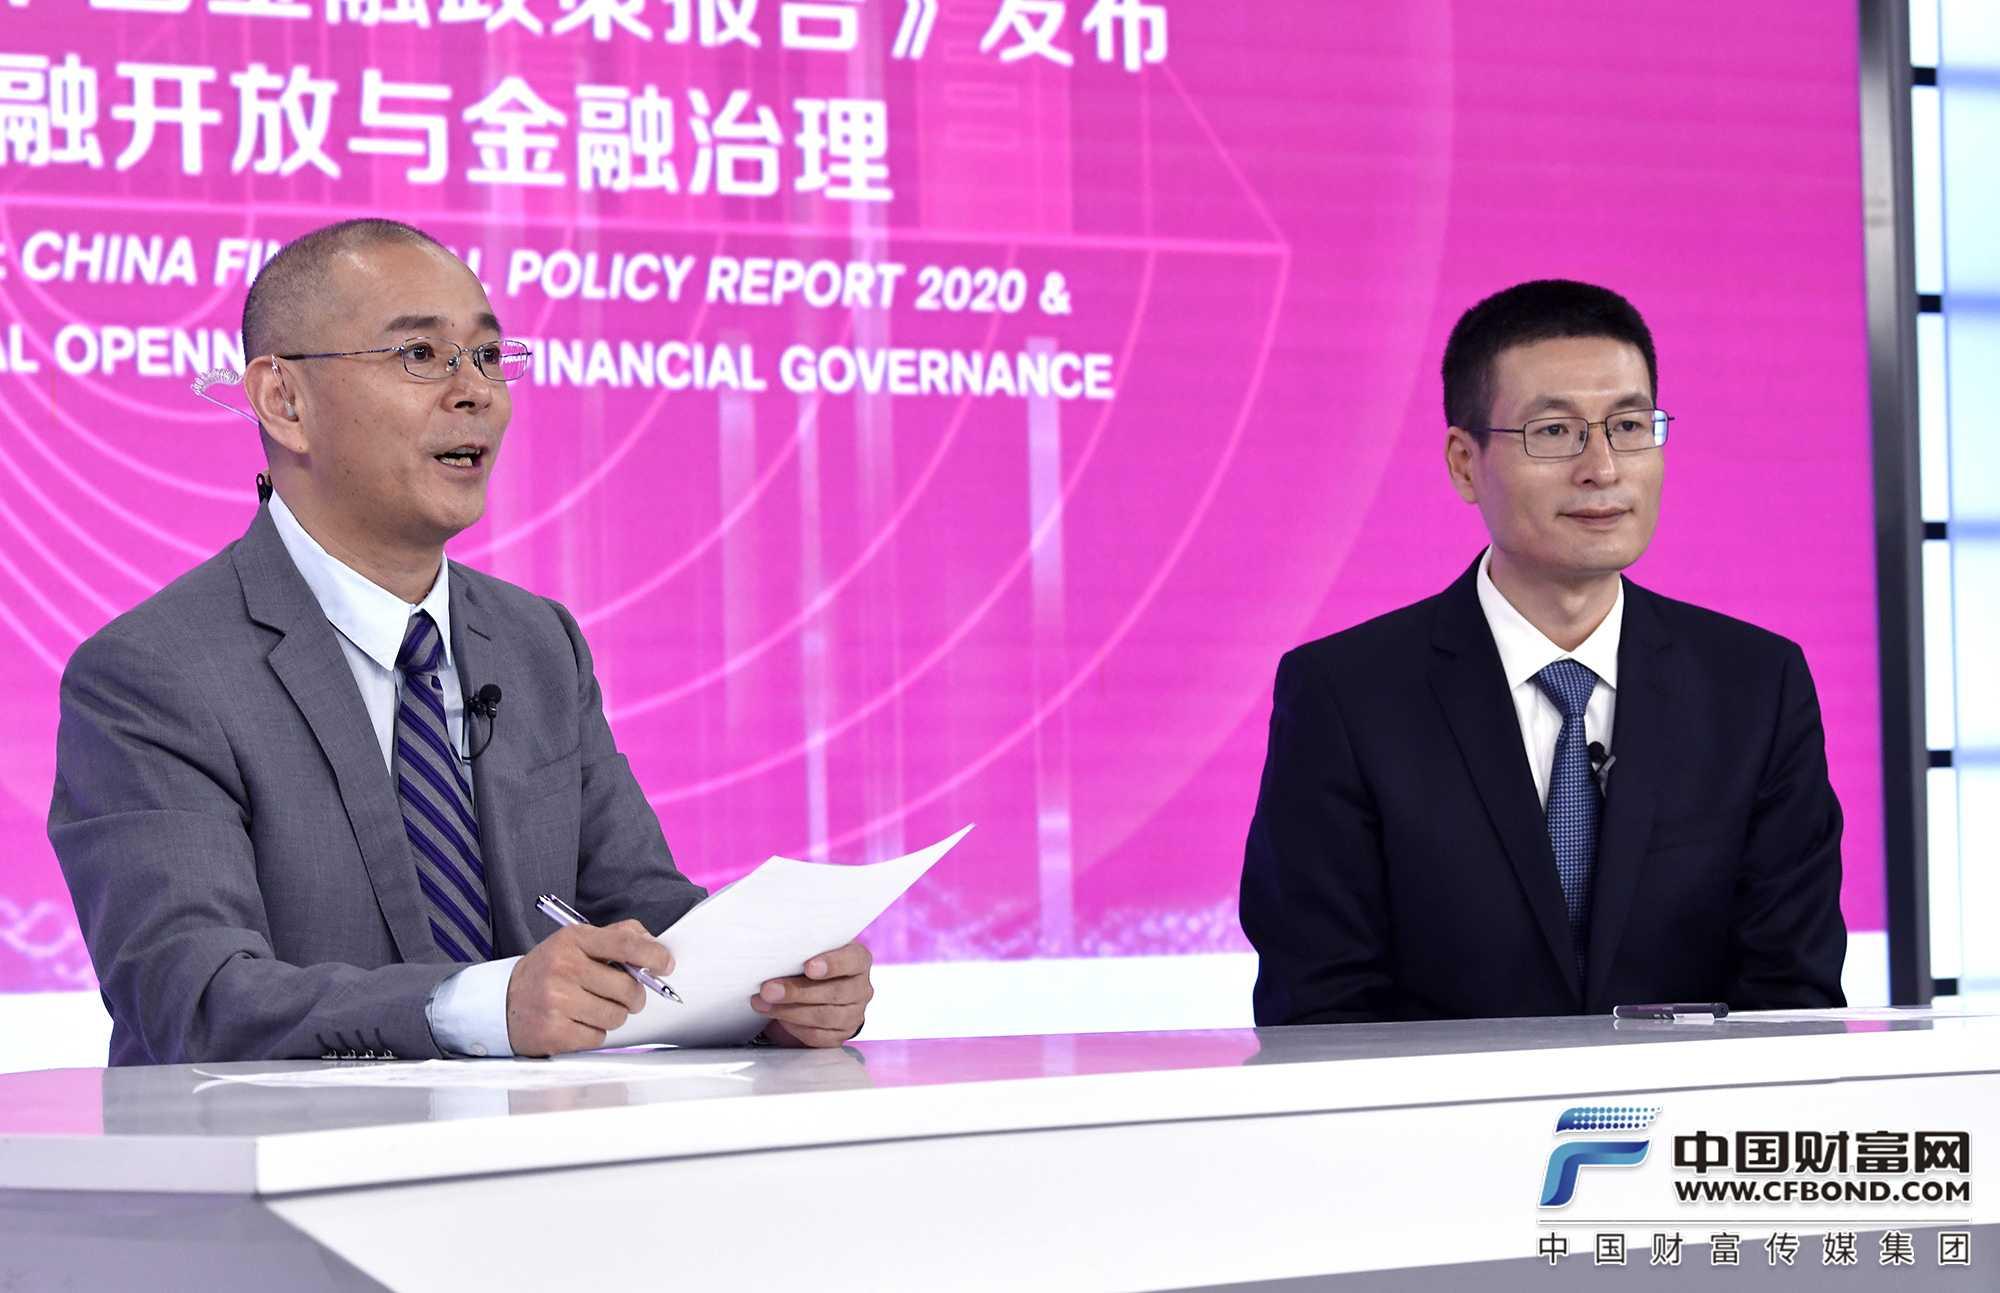 主题三:《2020中国金融政策报告》发布及中国金融开放与金融治理深度对话环节